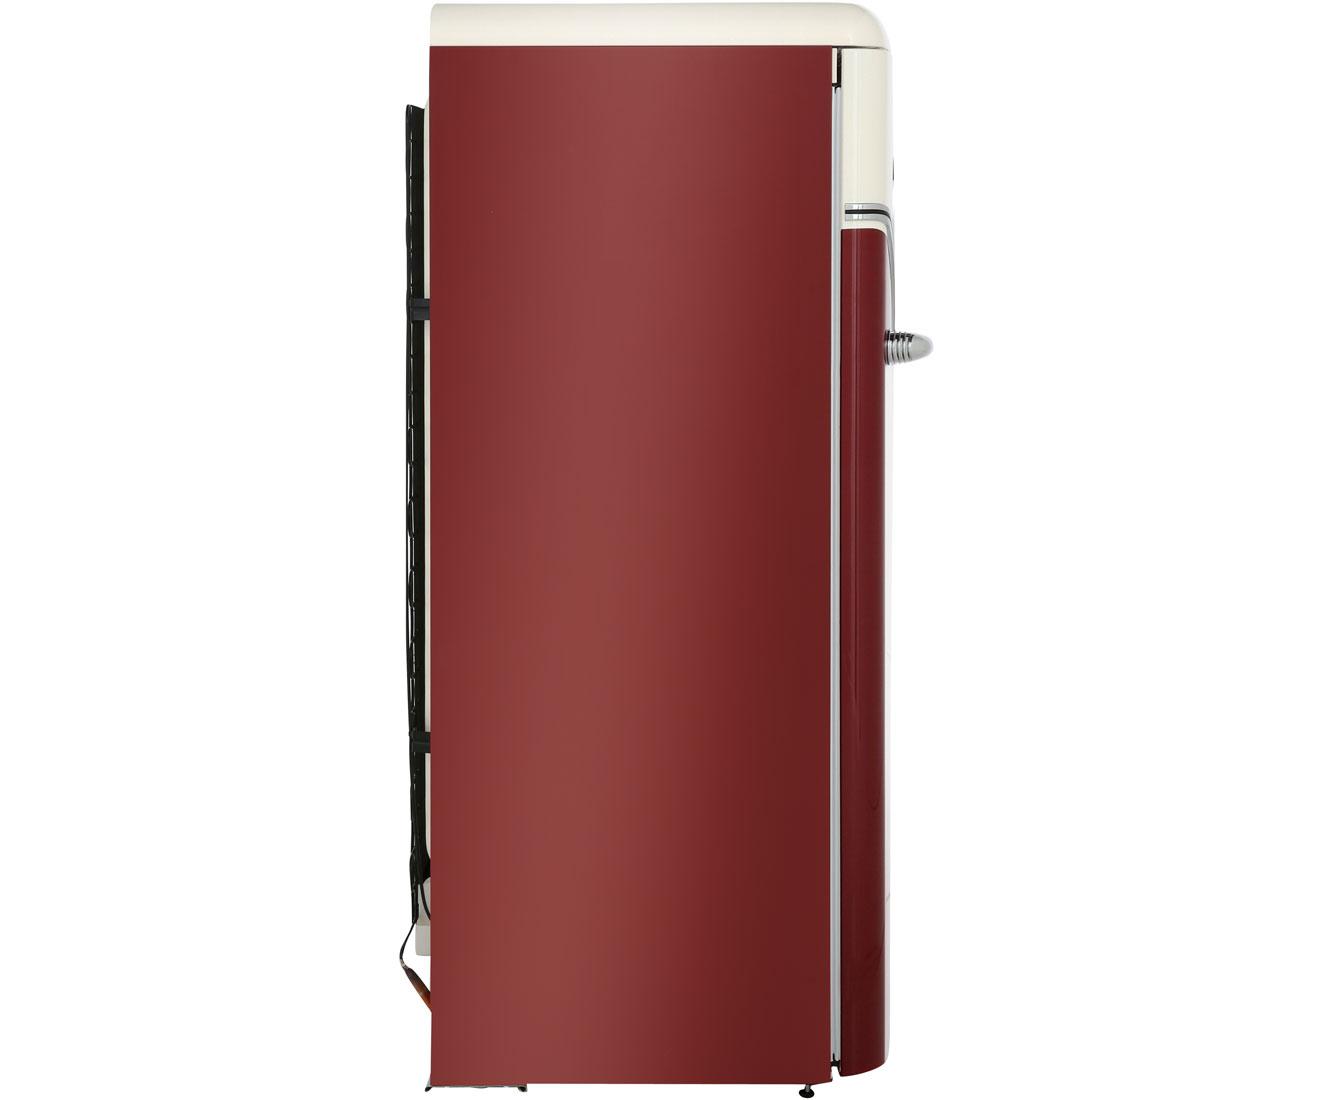 Gorenje Kühlschrank Vw Kaufen : Gorenje ifa gorenje